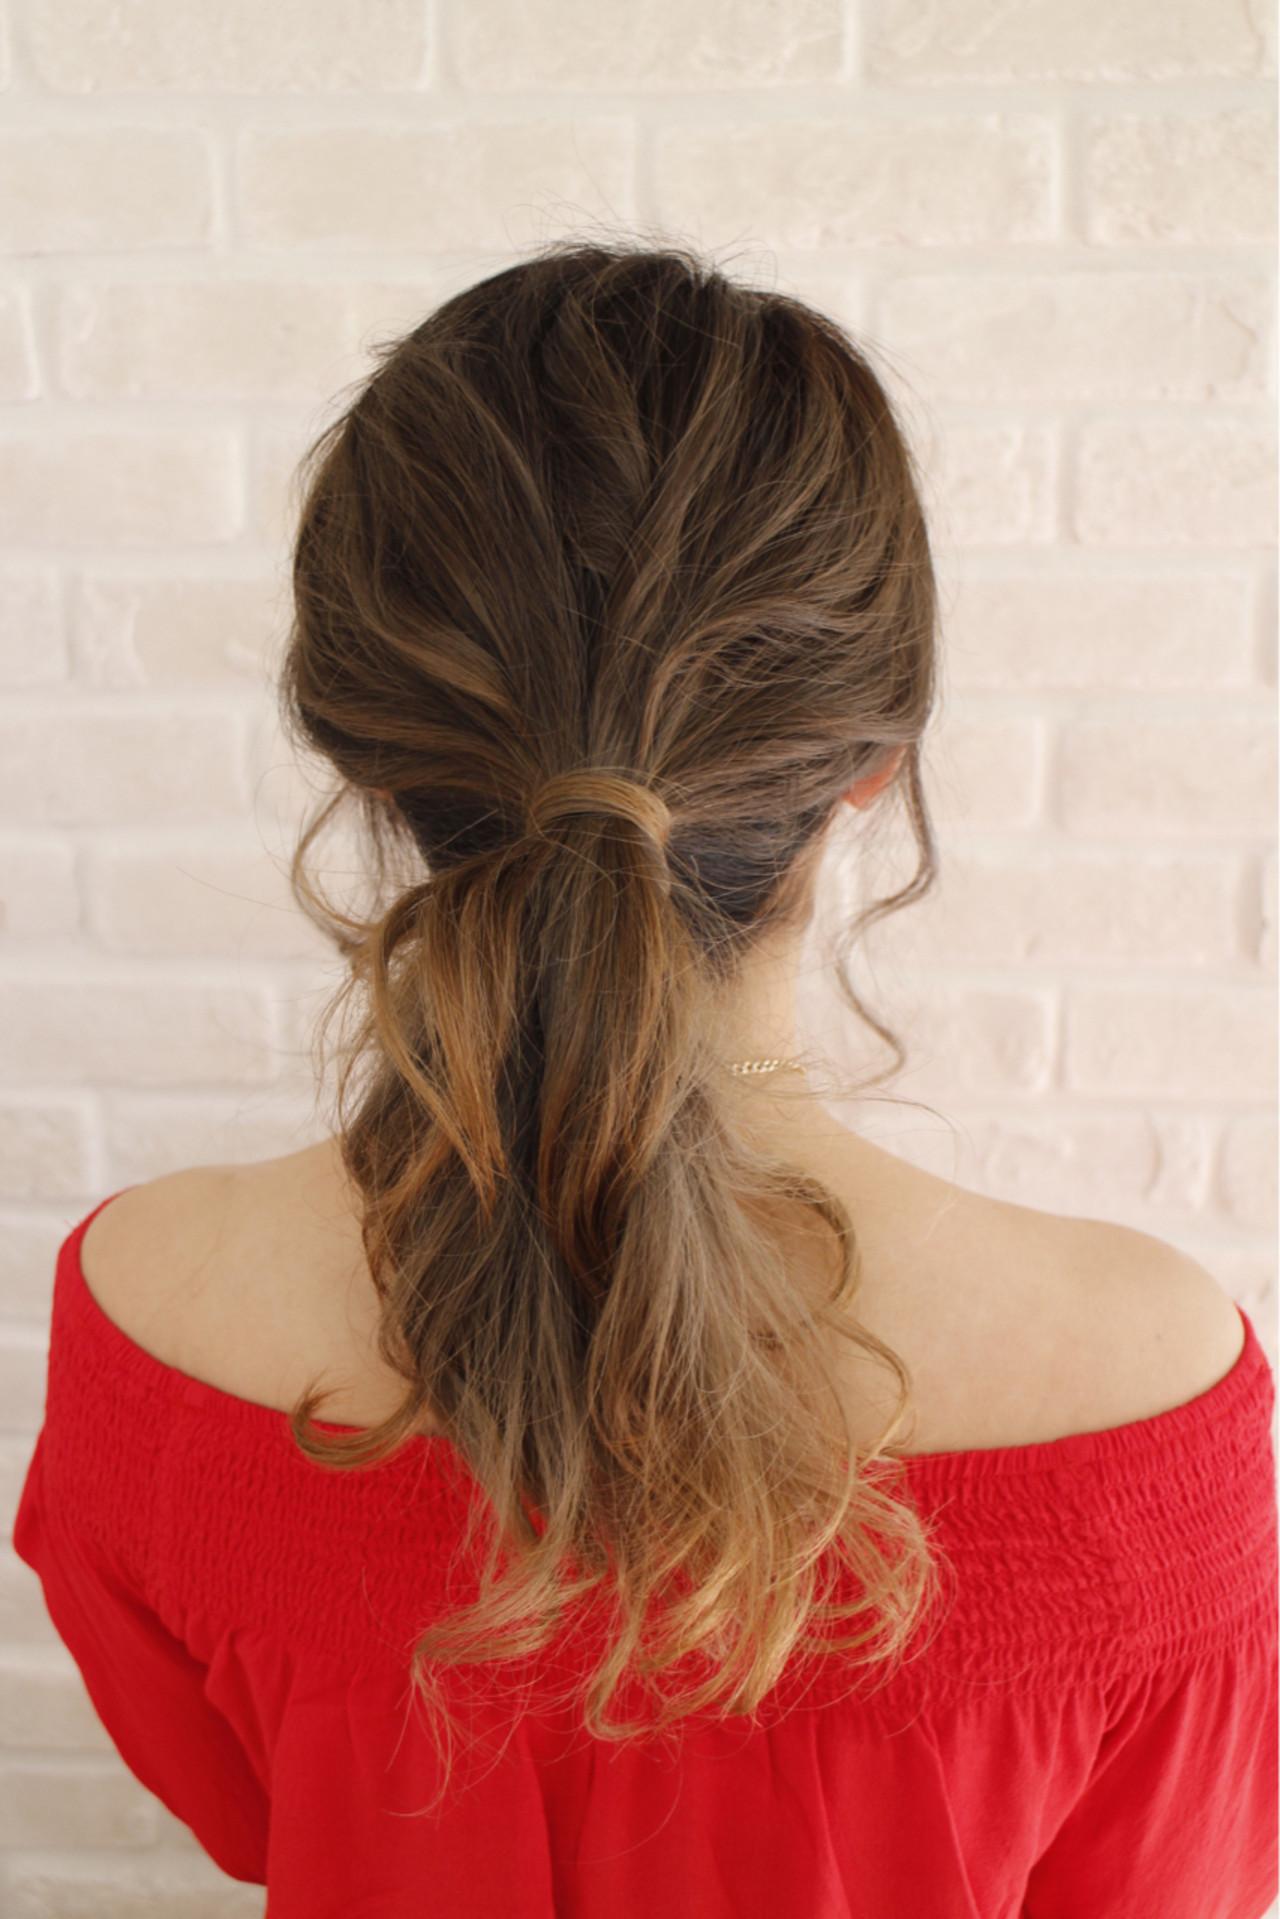 セミロング グラデーションカラー 外国人風 簡単ヘアアレンジ ヘアスタイルや髪型の写真・画像